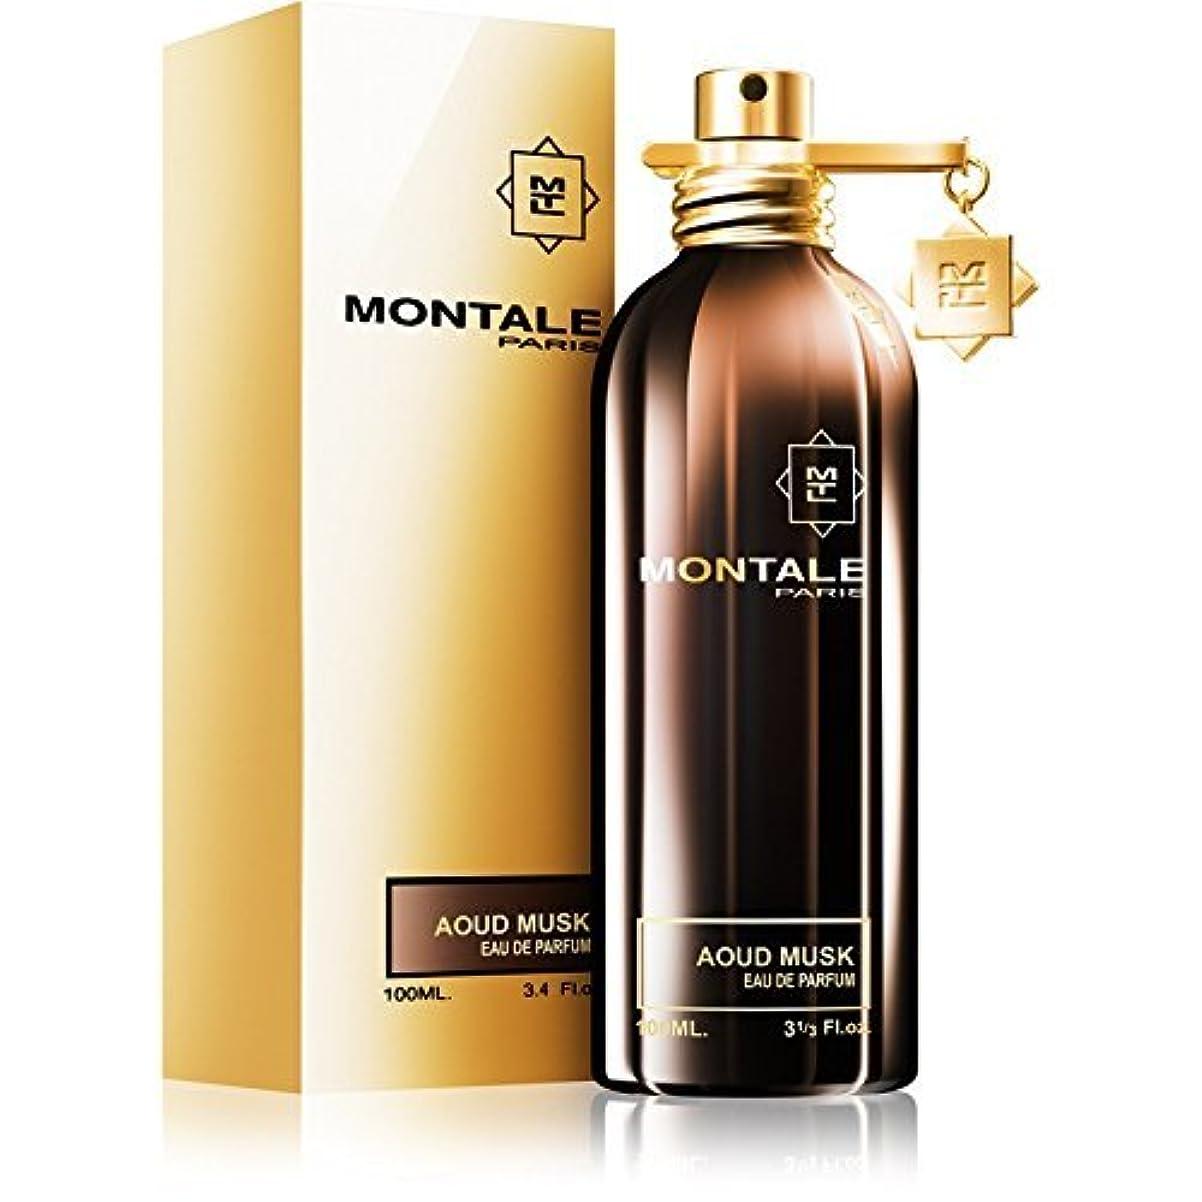 石傷つきやすい描くMONTALE AOUD MUSK Eau de Perfume 100ml Made in France 100% 本物のモンターレ アラブ ムスク香水 100 ml フランス製 +2サンプル無料! + 30 mlスキンケア無料!